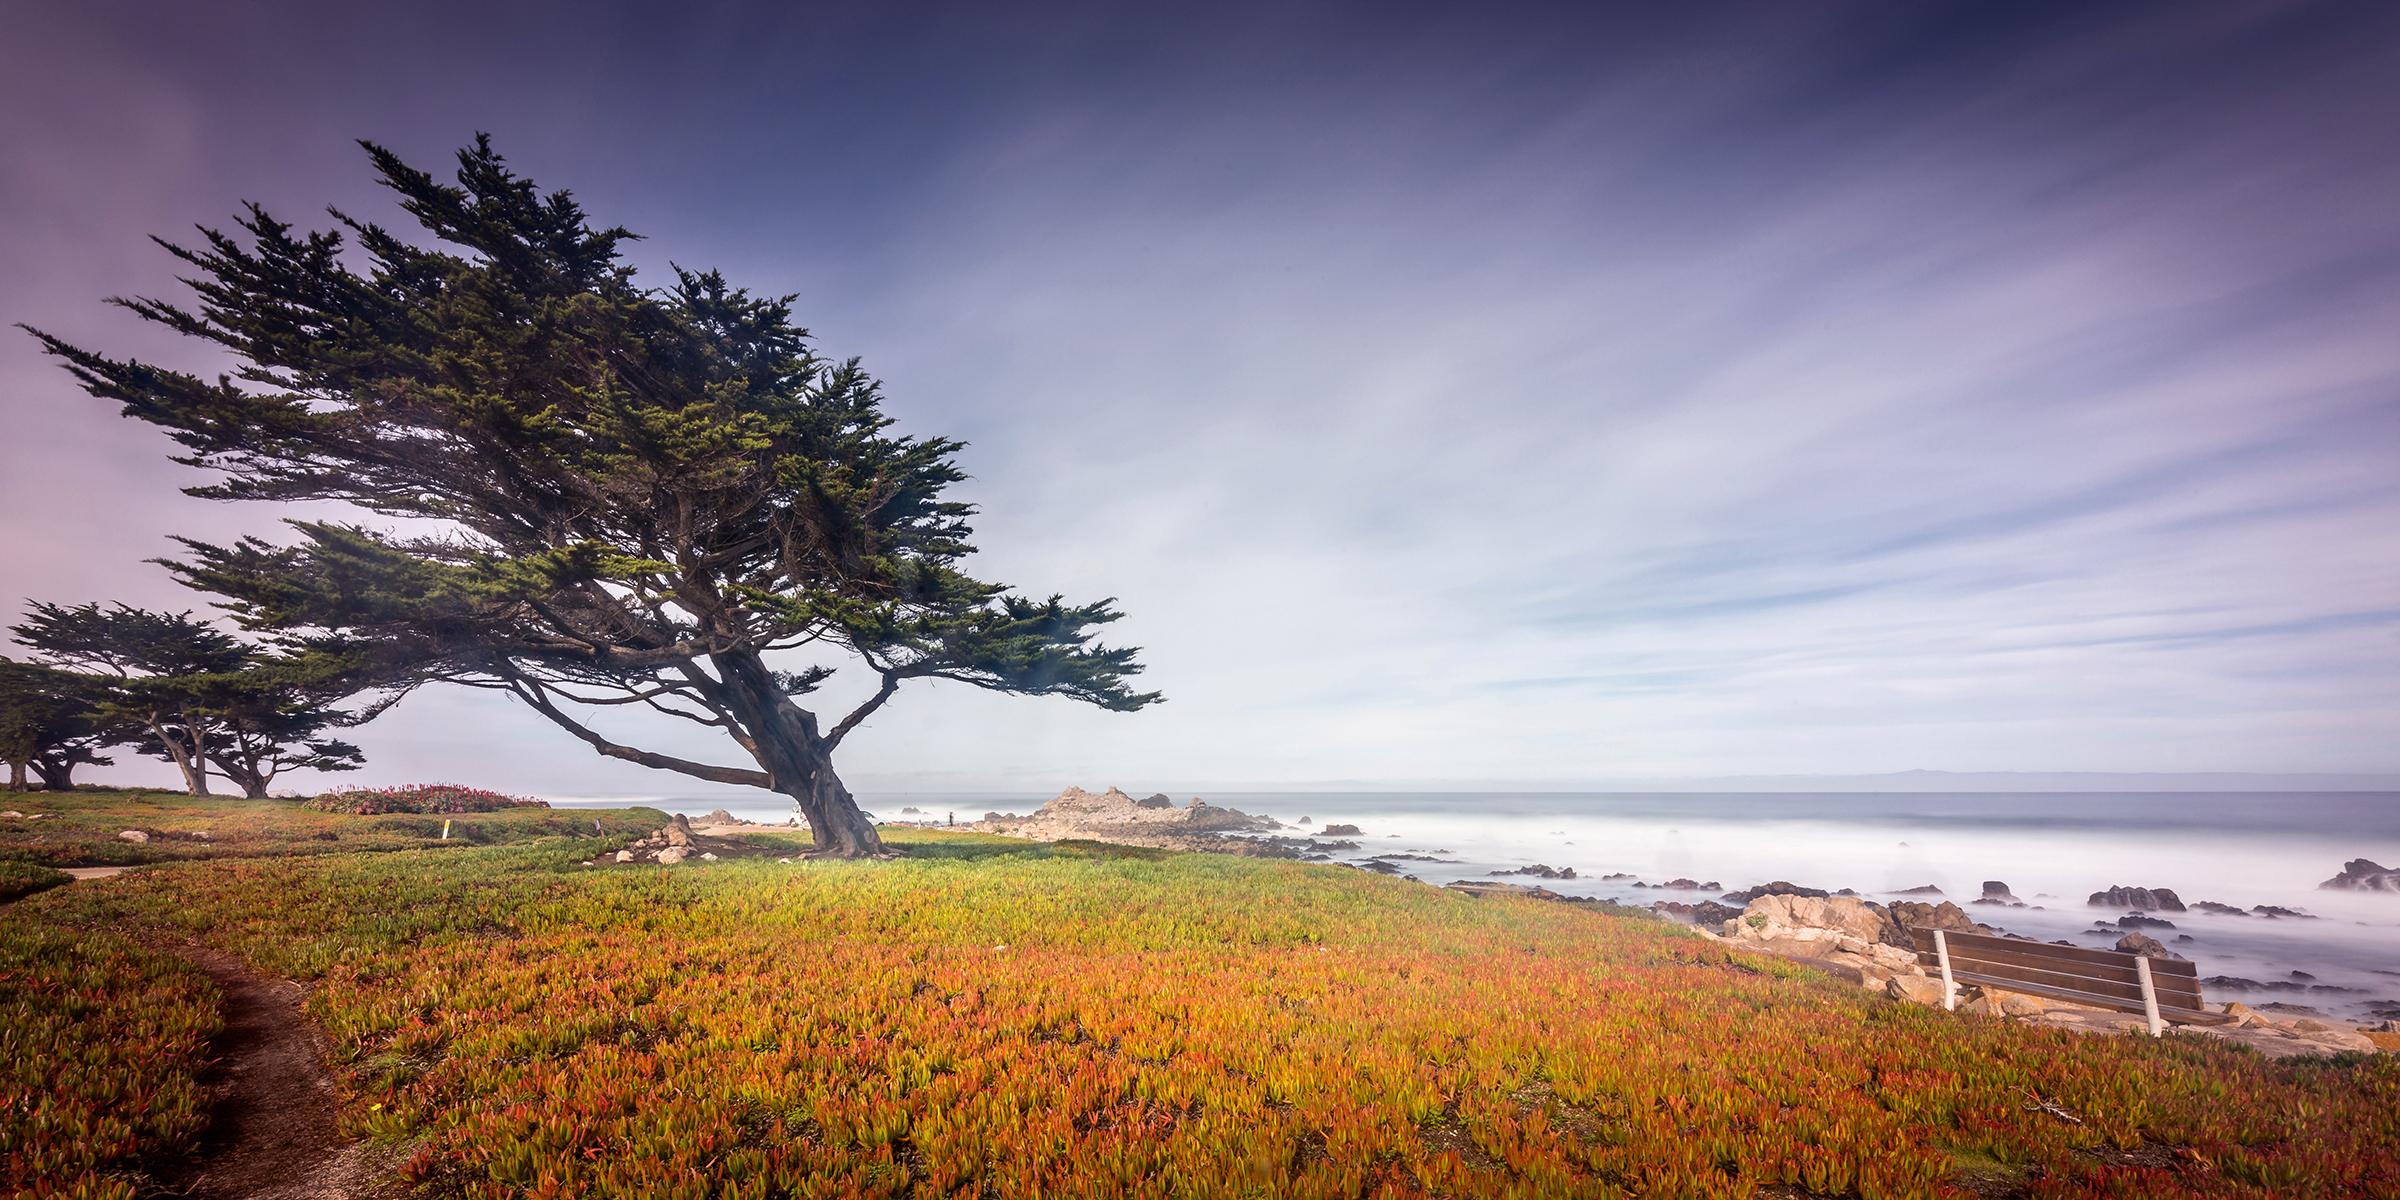 Monterey Bay Park, California